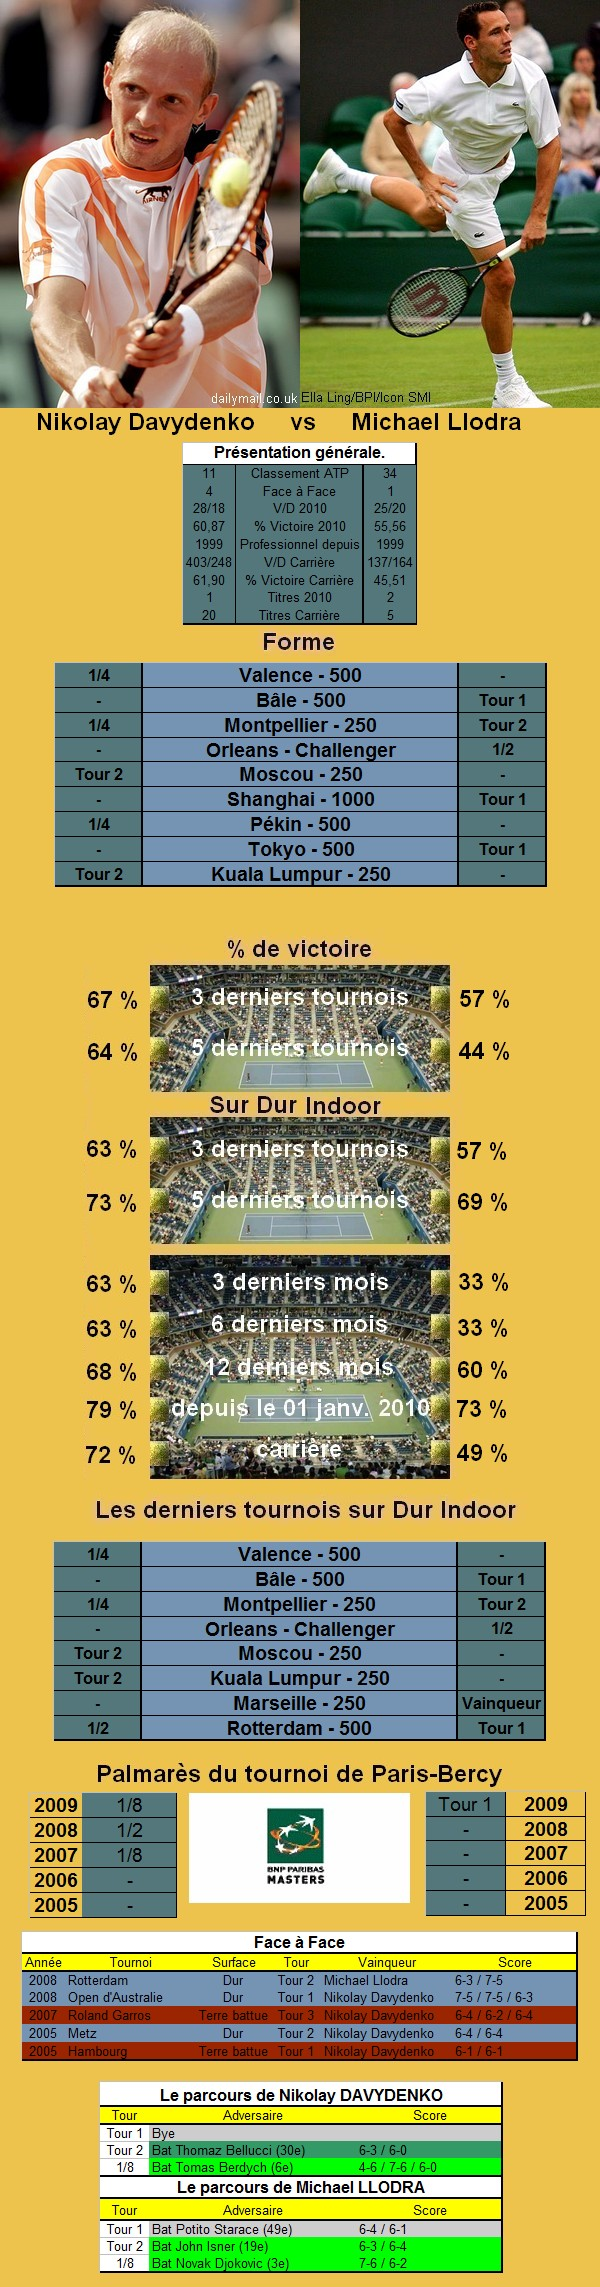 Statistiques tennis de Davydenko contre Llodra à Paris Bercy